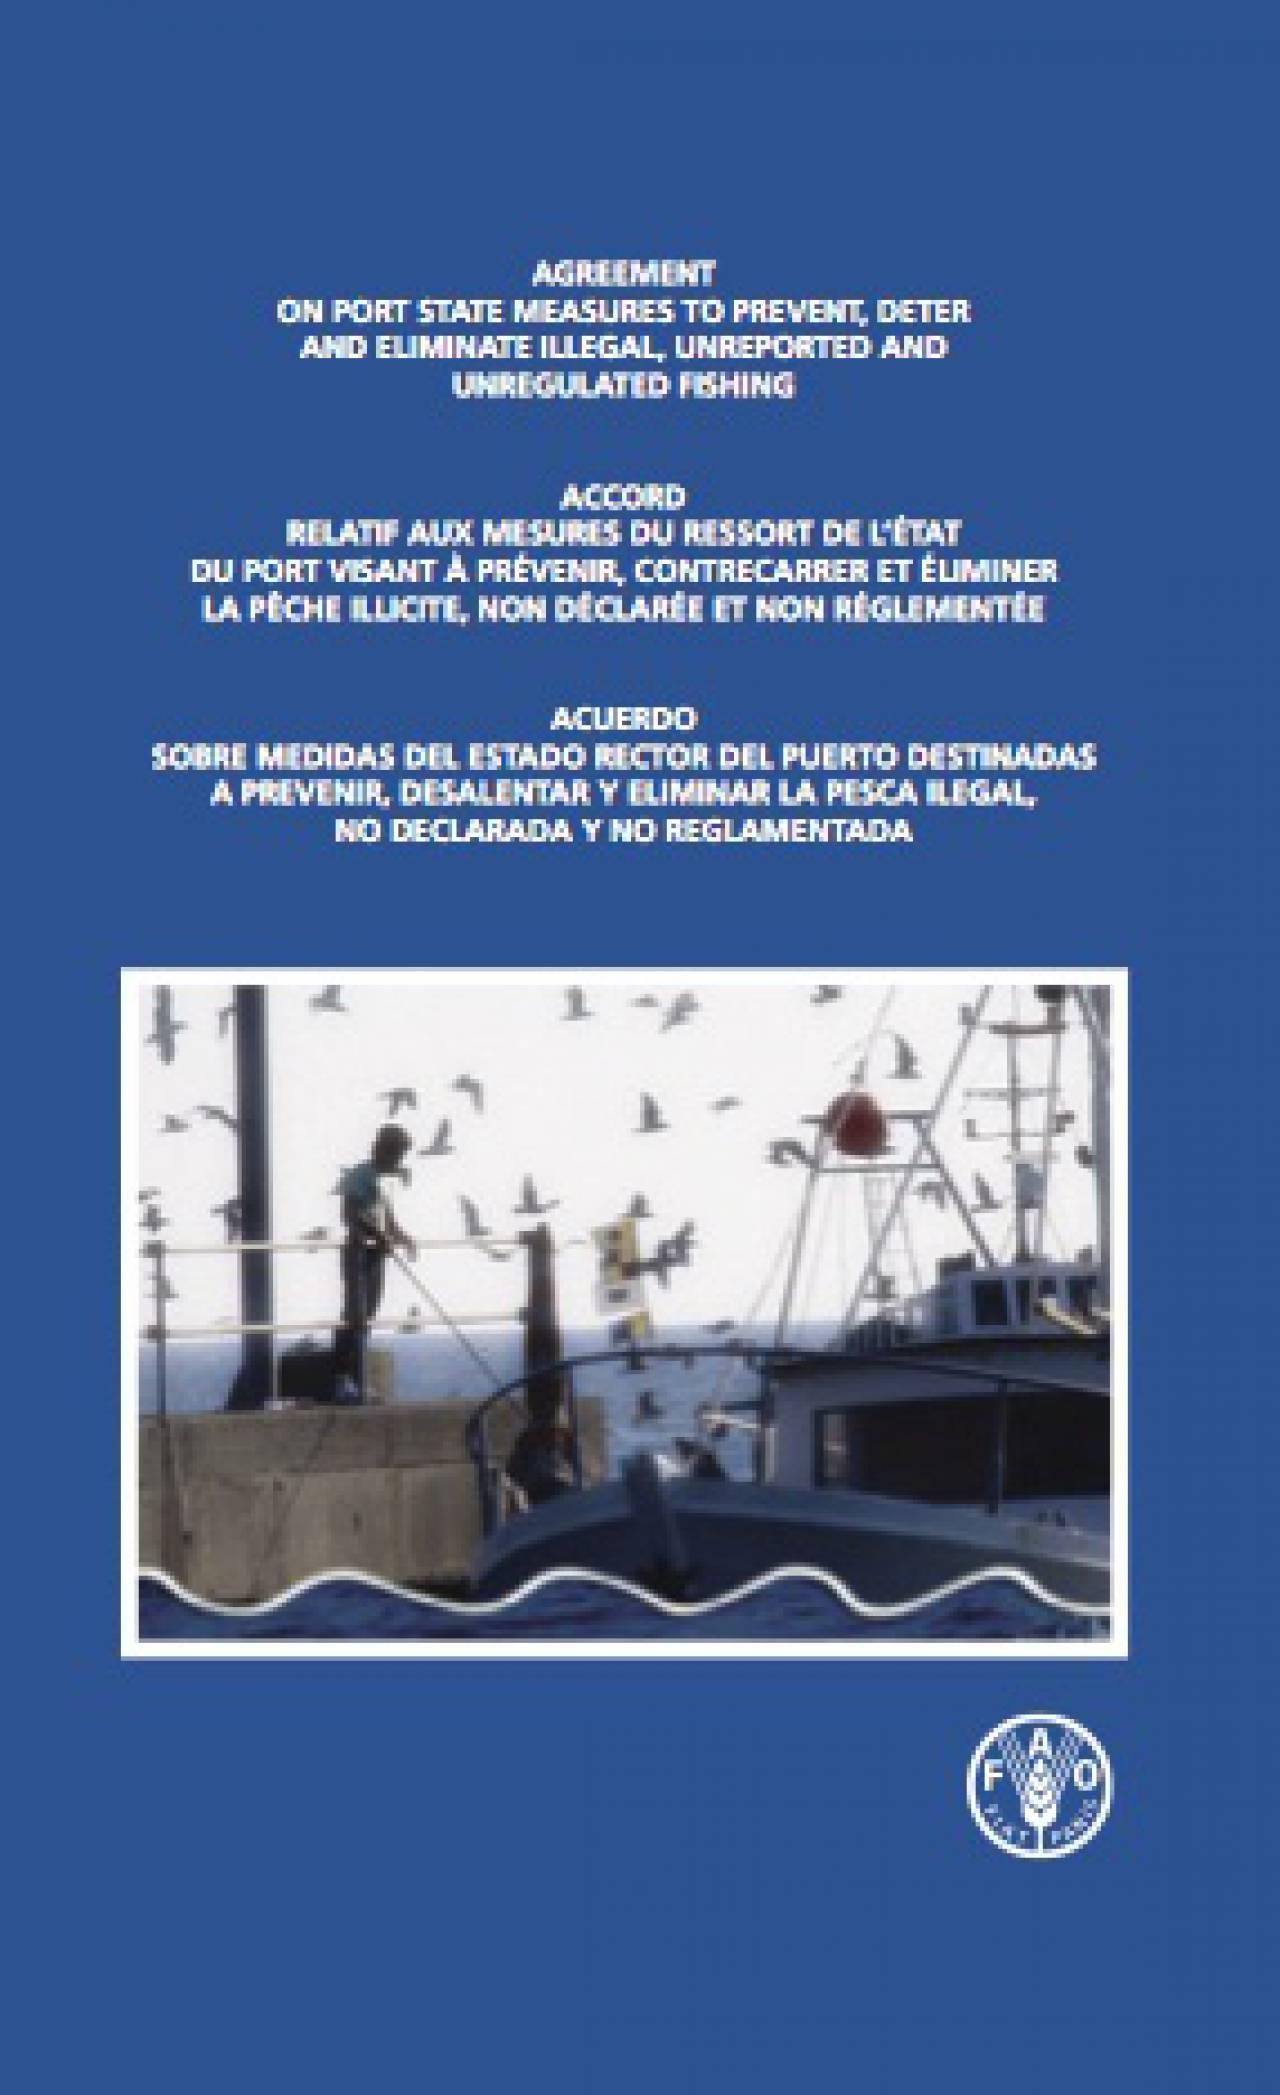 Accord relatif aux mesures du ressort de l'État du port visant à prévenir, contrecarrer et éliminer la pêche illicite, non déclarée et non réglementée (INN) - FAO